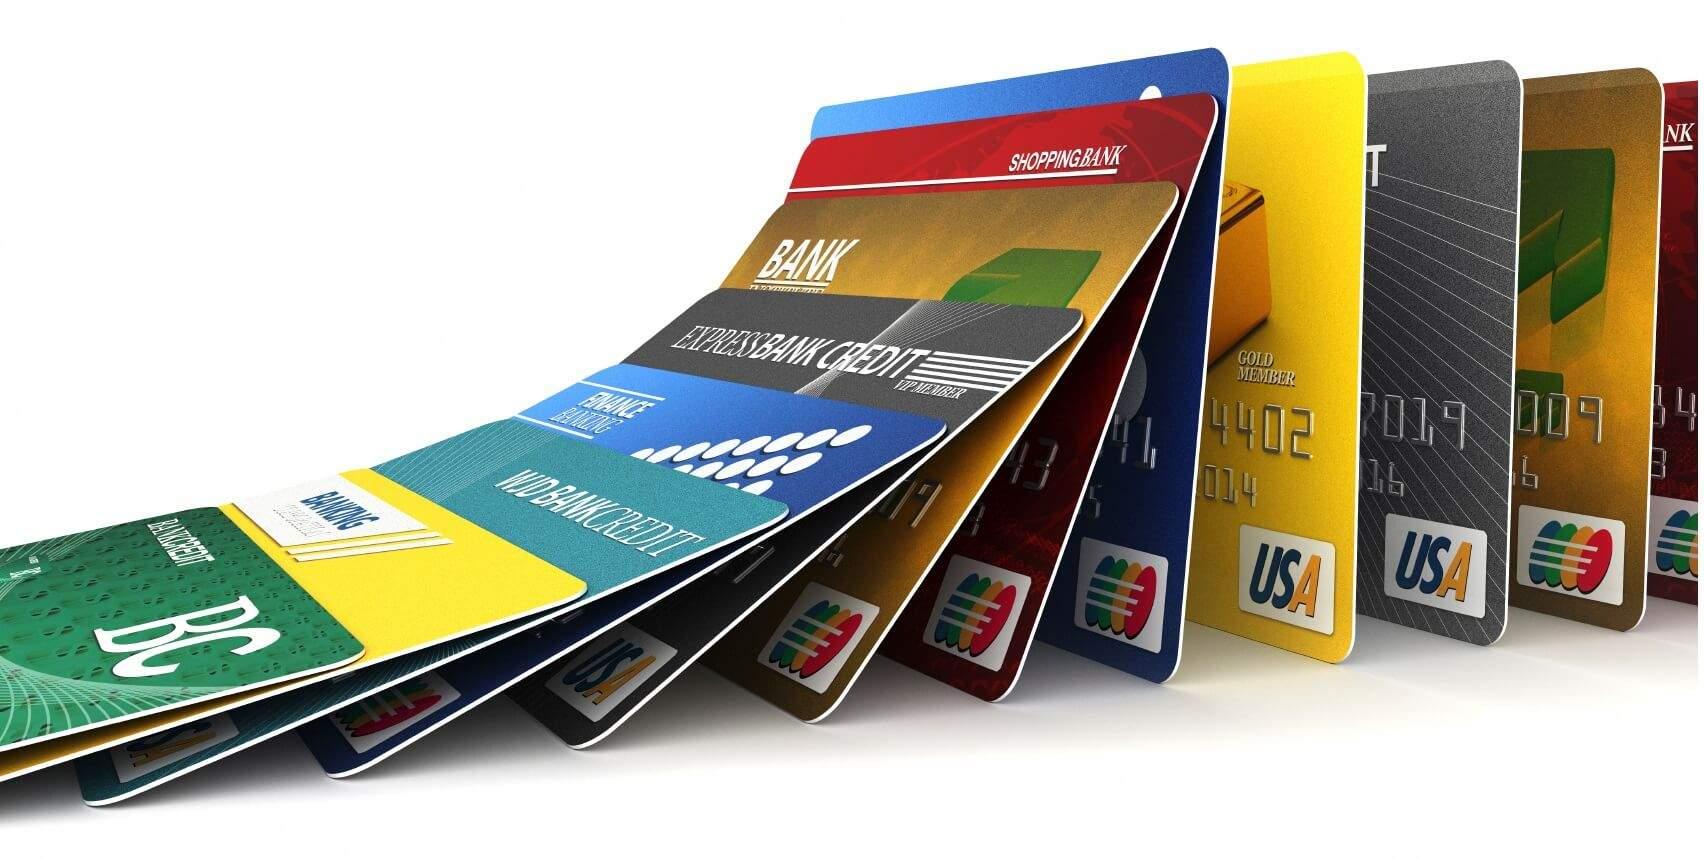 thebank_hinh1dunothetindunglagi_1511579981